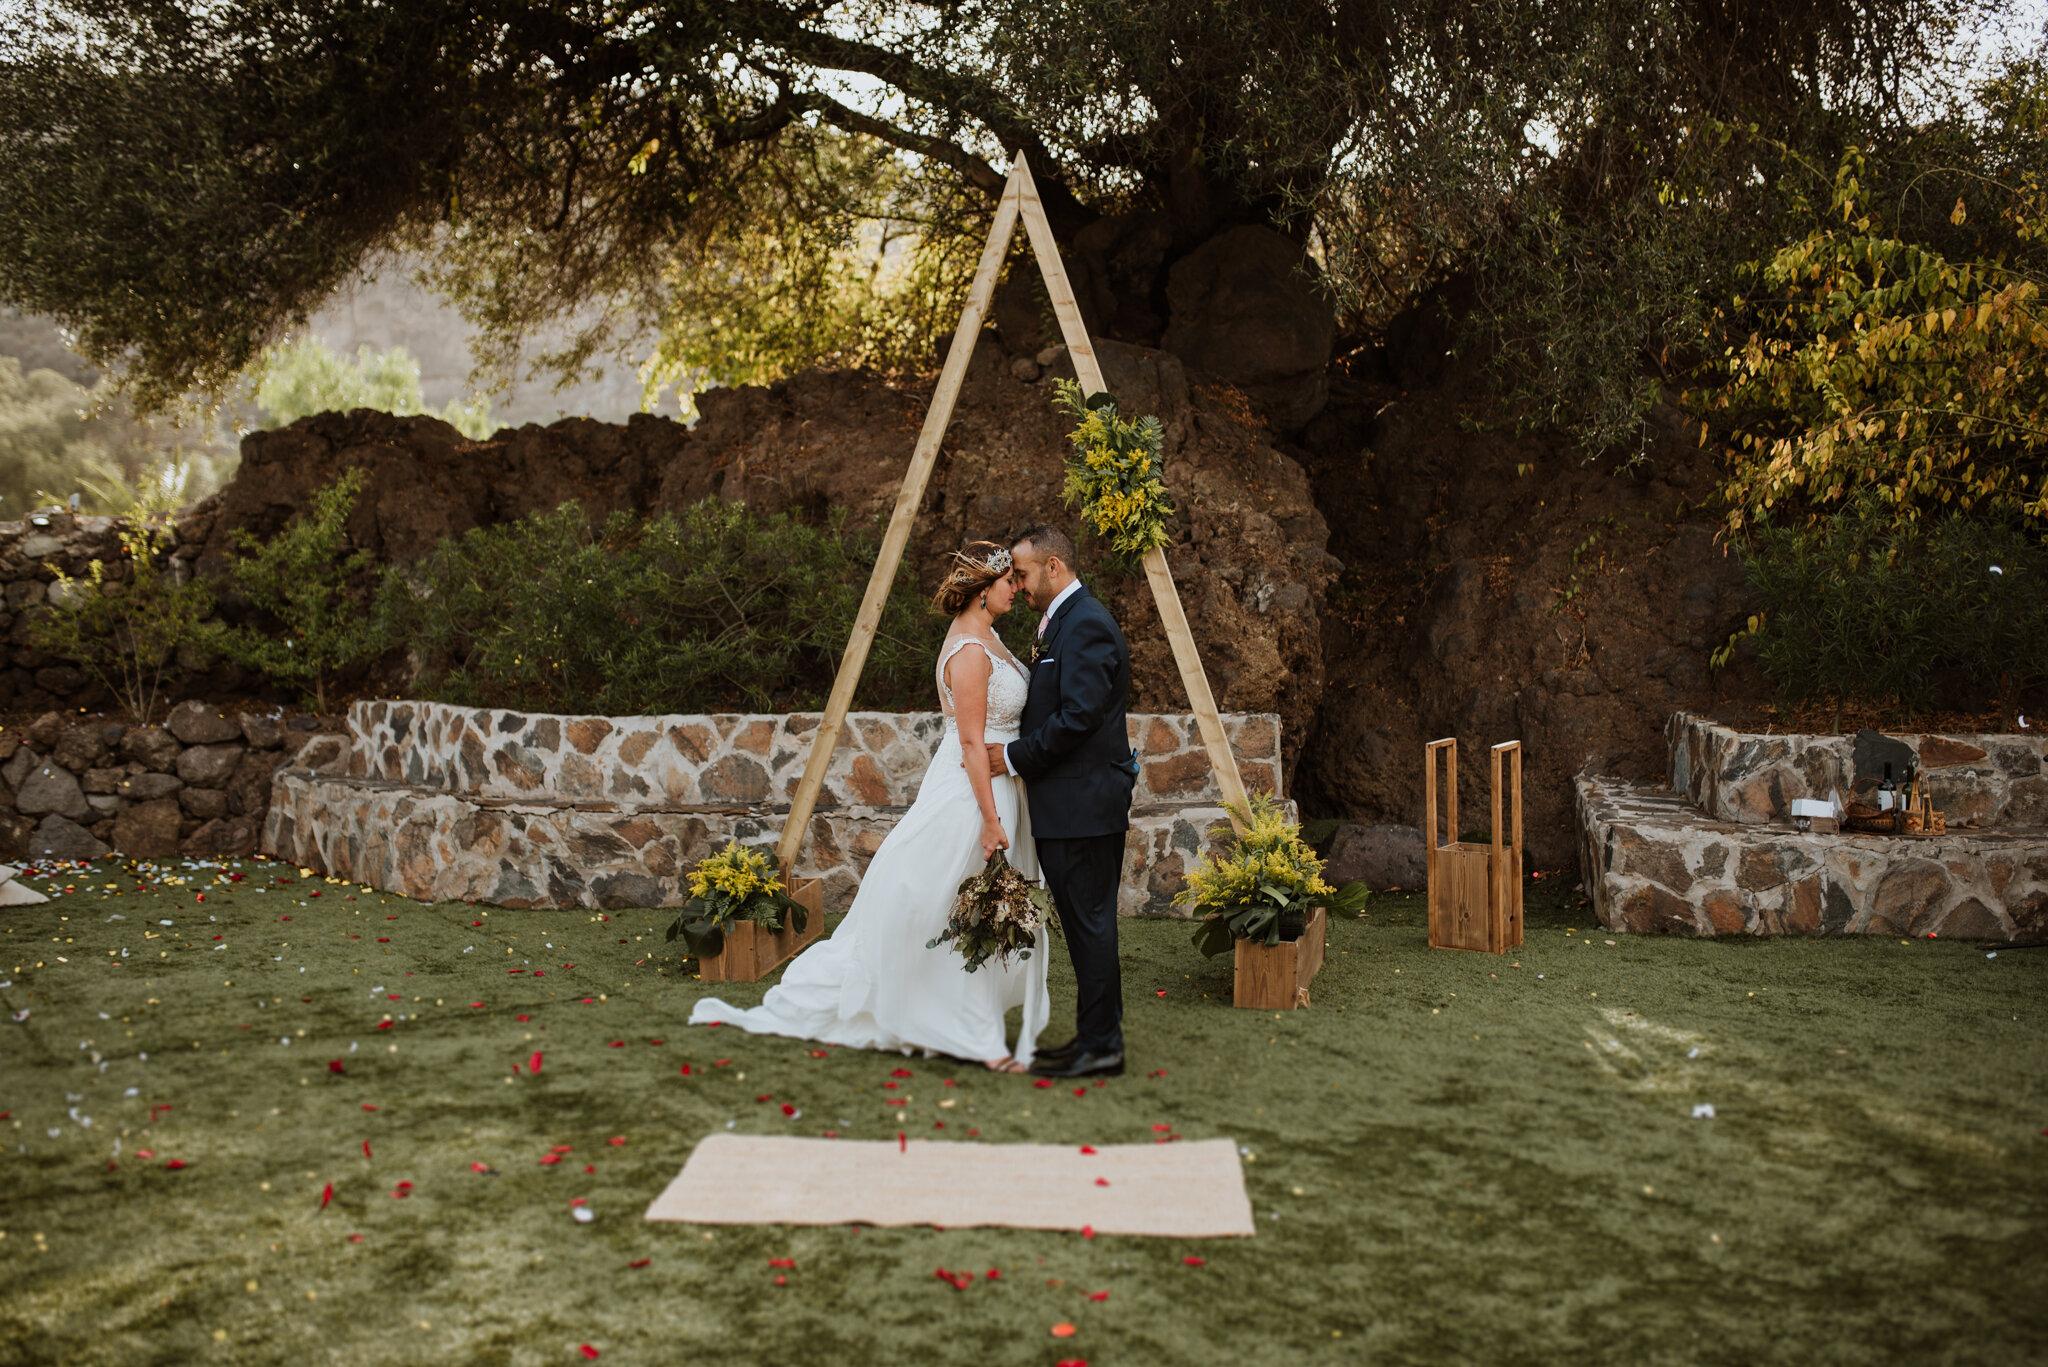 fotografo de bodas las palmas_-96.jpg